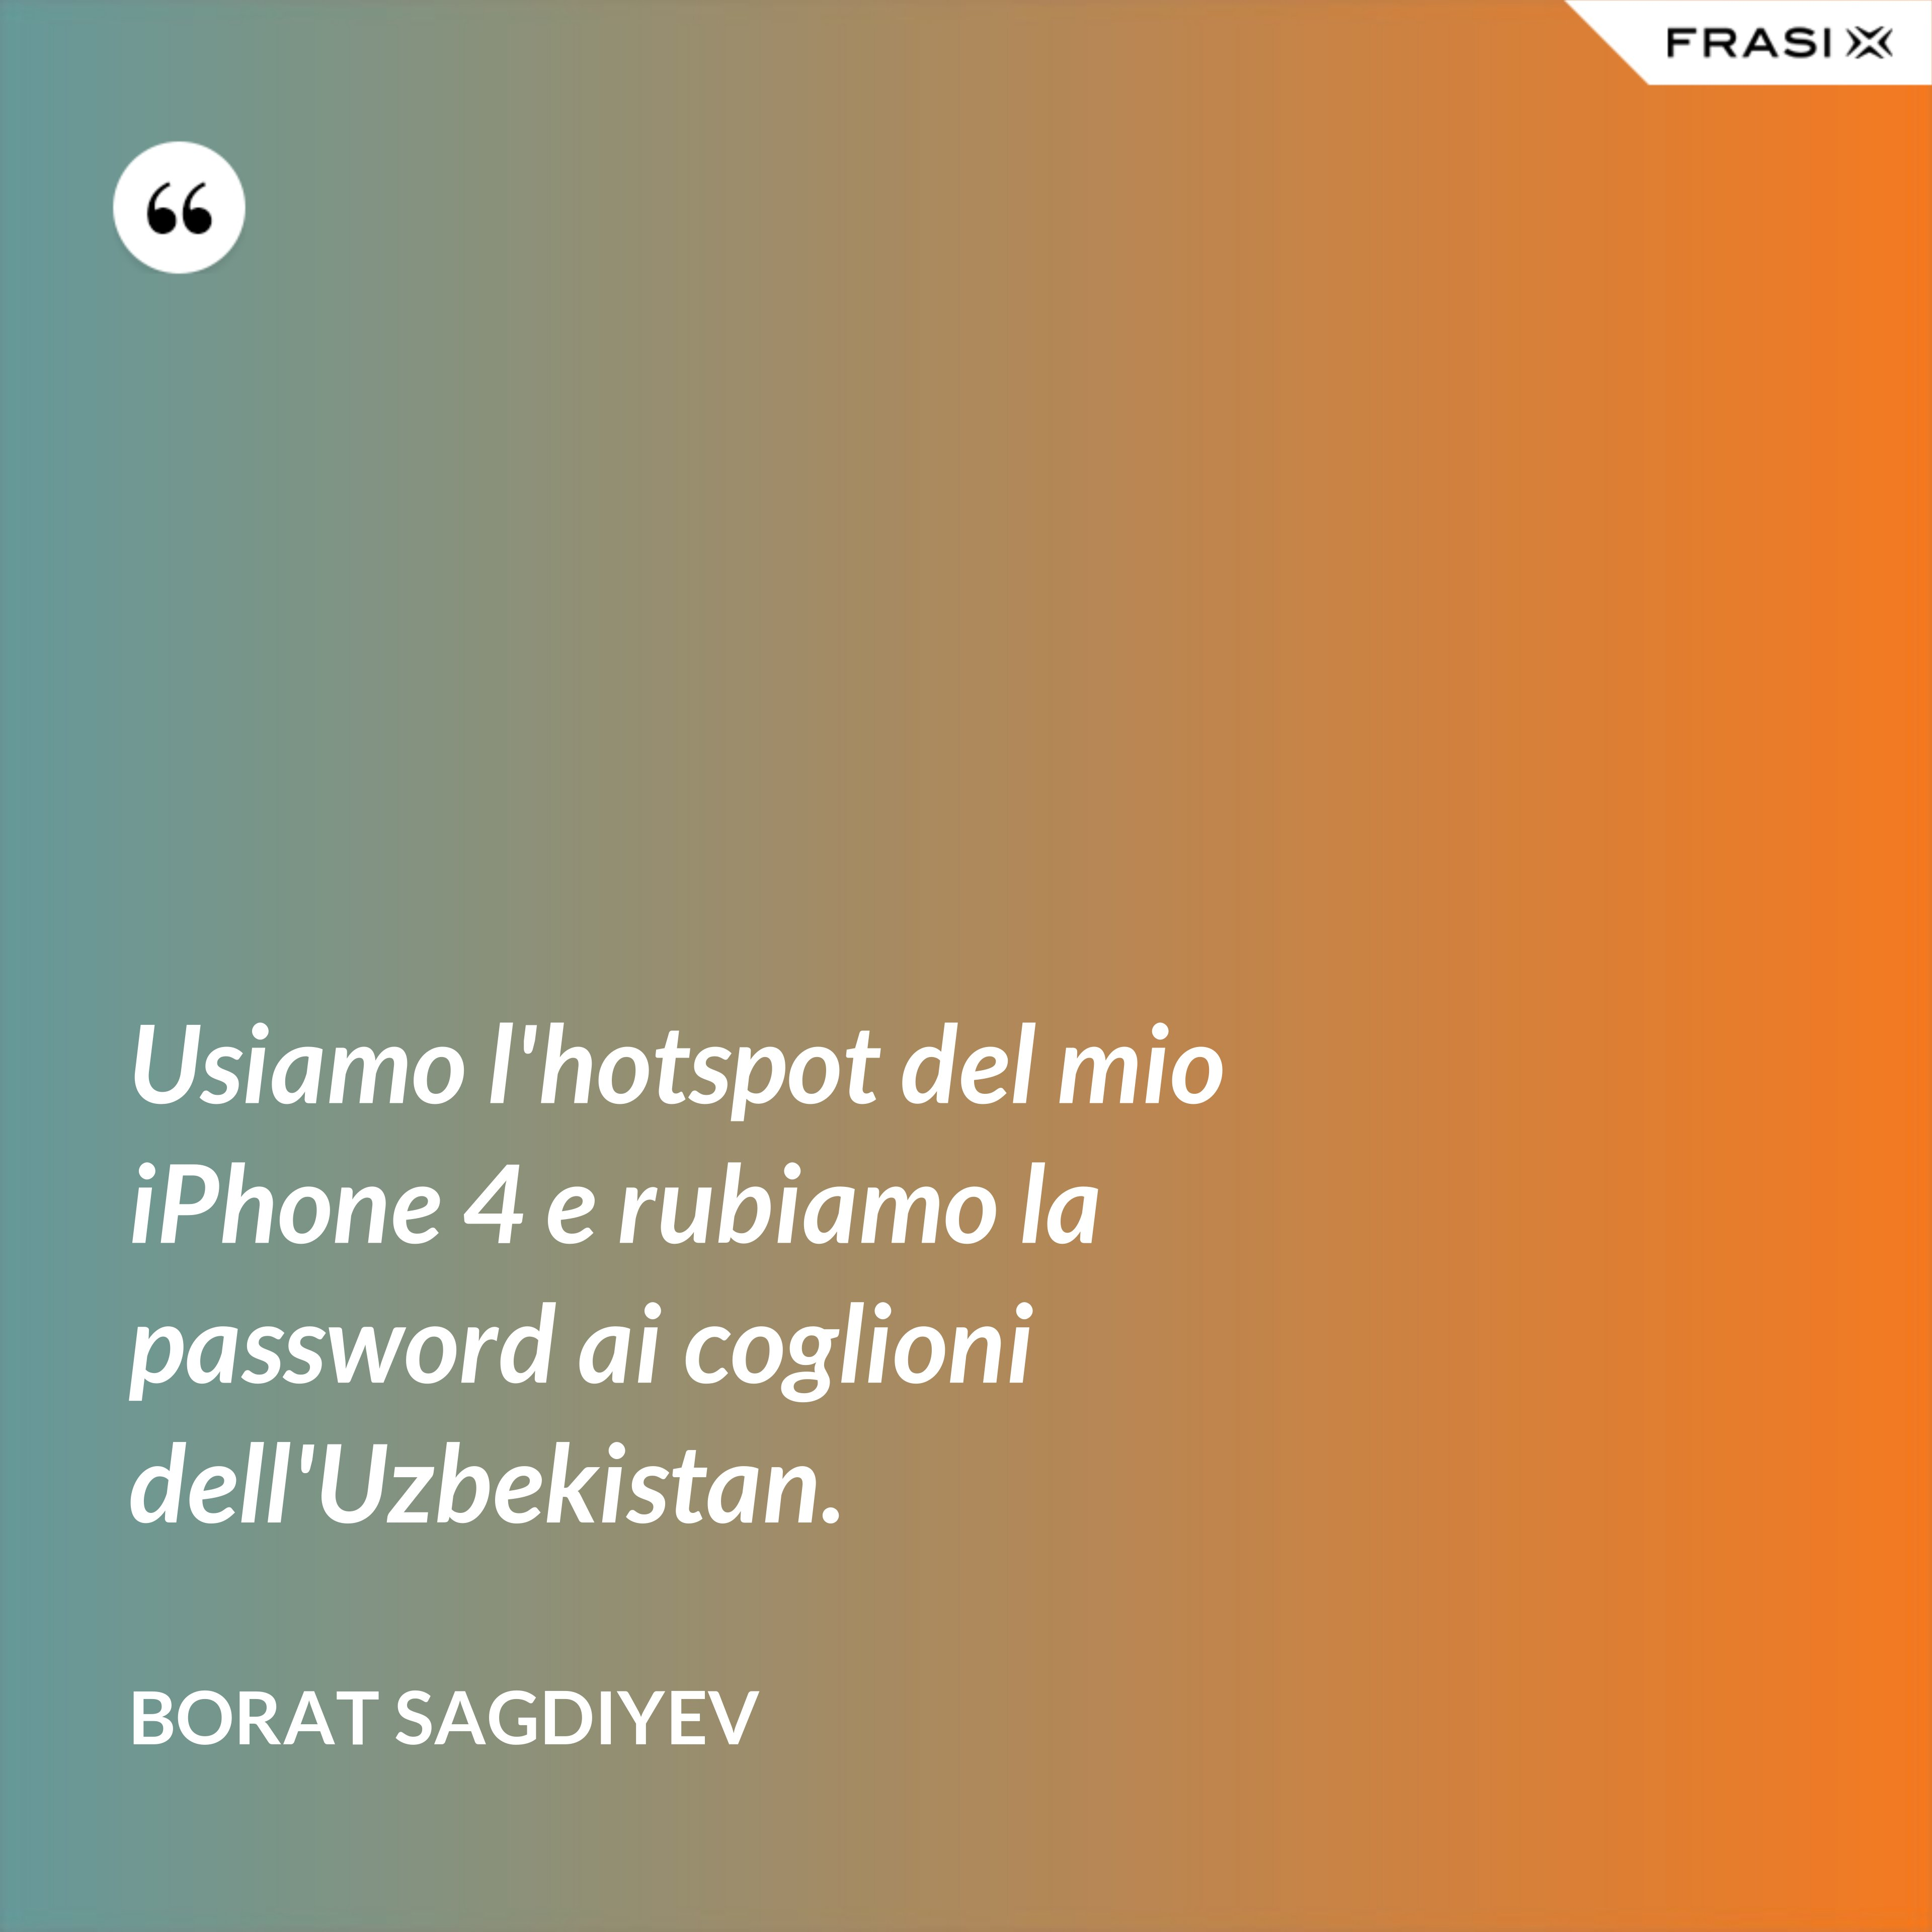 Usiamo l'hotspot del mio iPhone 4 e rubiamo la password ai coglioni dell'Uzbekistan. - Borat Sagdiyev